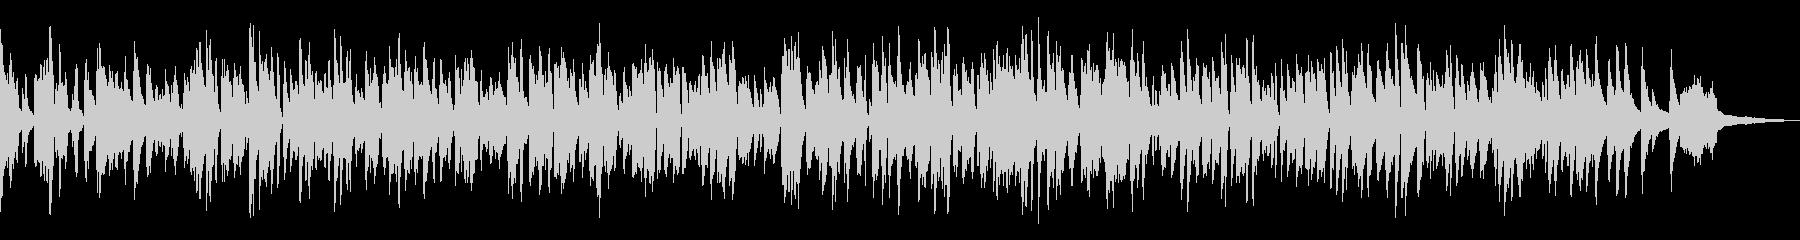 ラウンジ風ボサノバBGM/ピアノトリオの未再生の波形